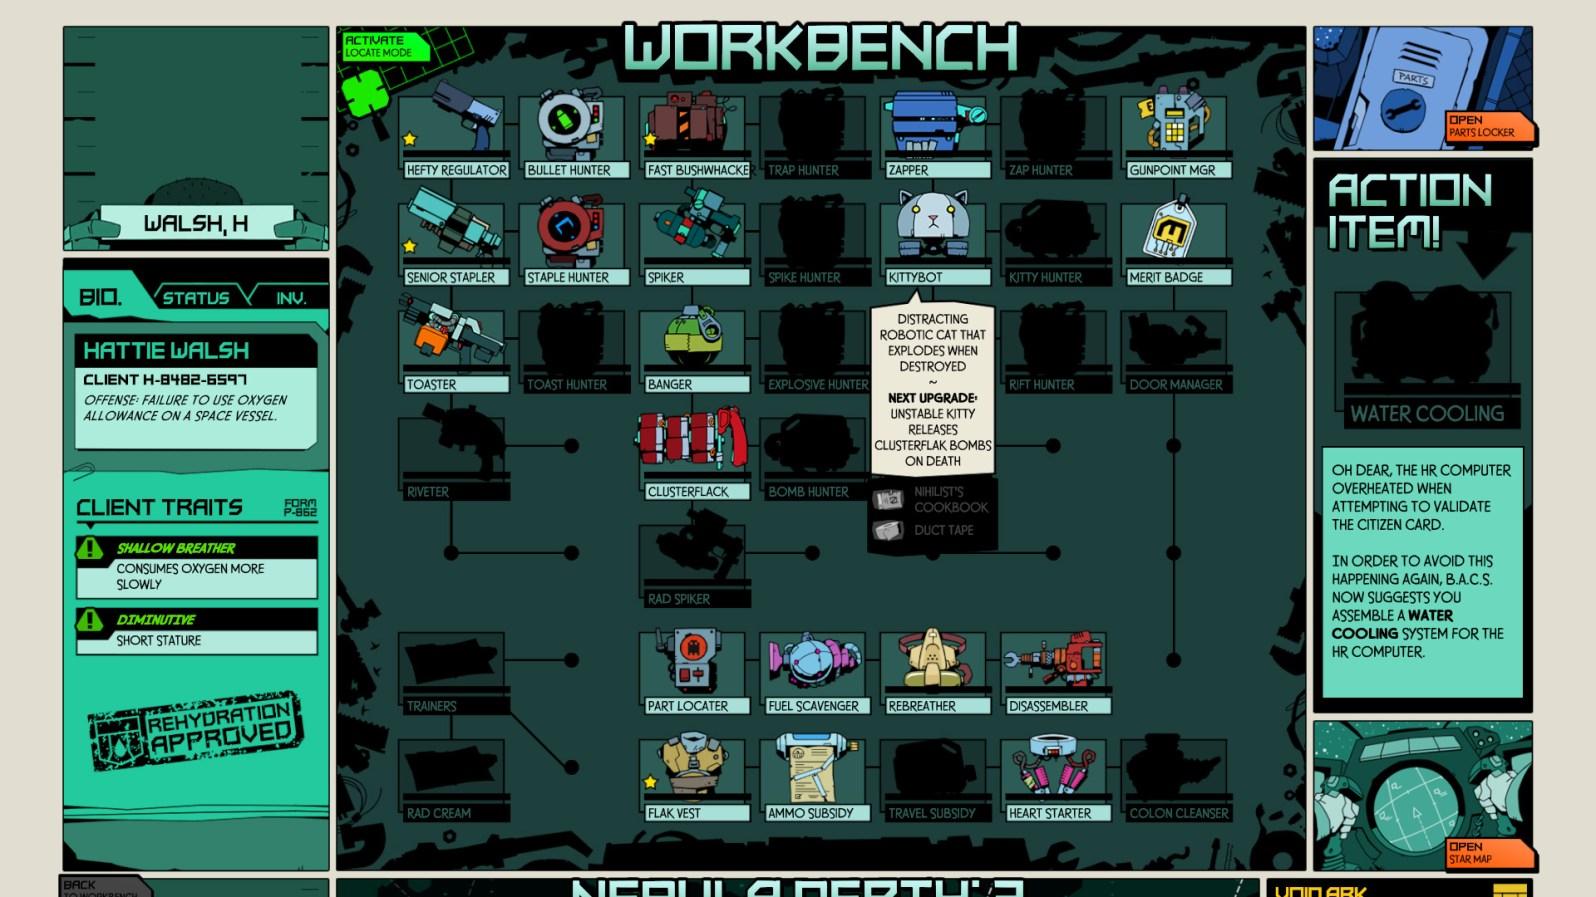 Quelle: voidbastards.com - Gegenstände werden an der Werkbank erstellt oder verbessert.